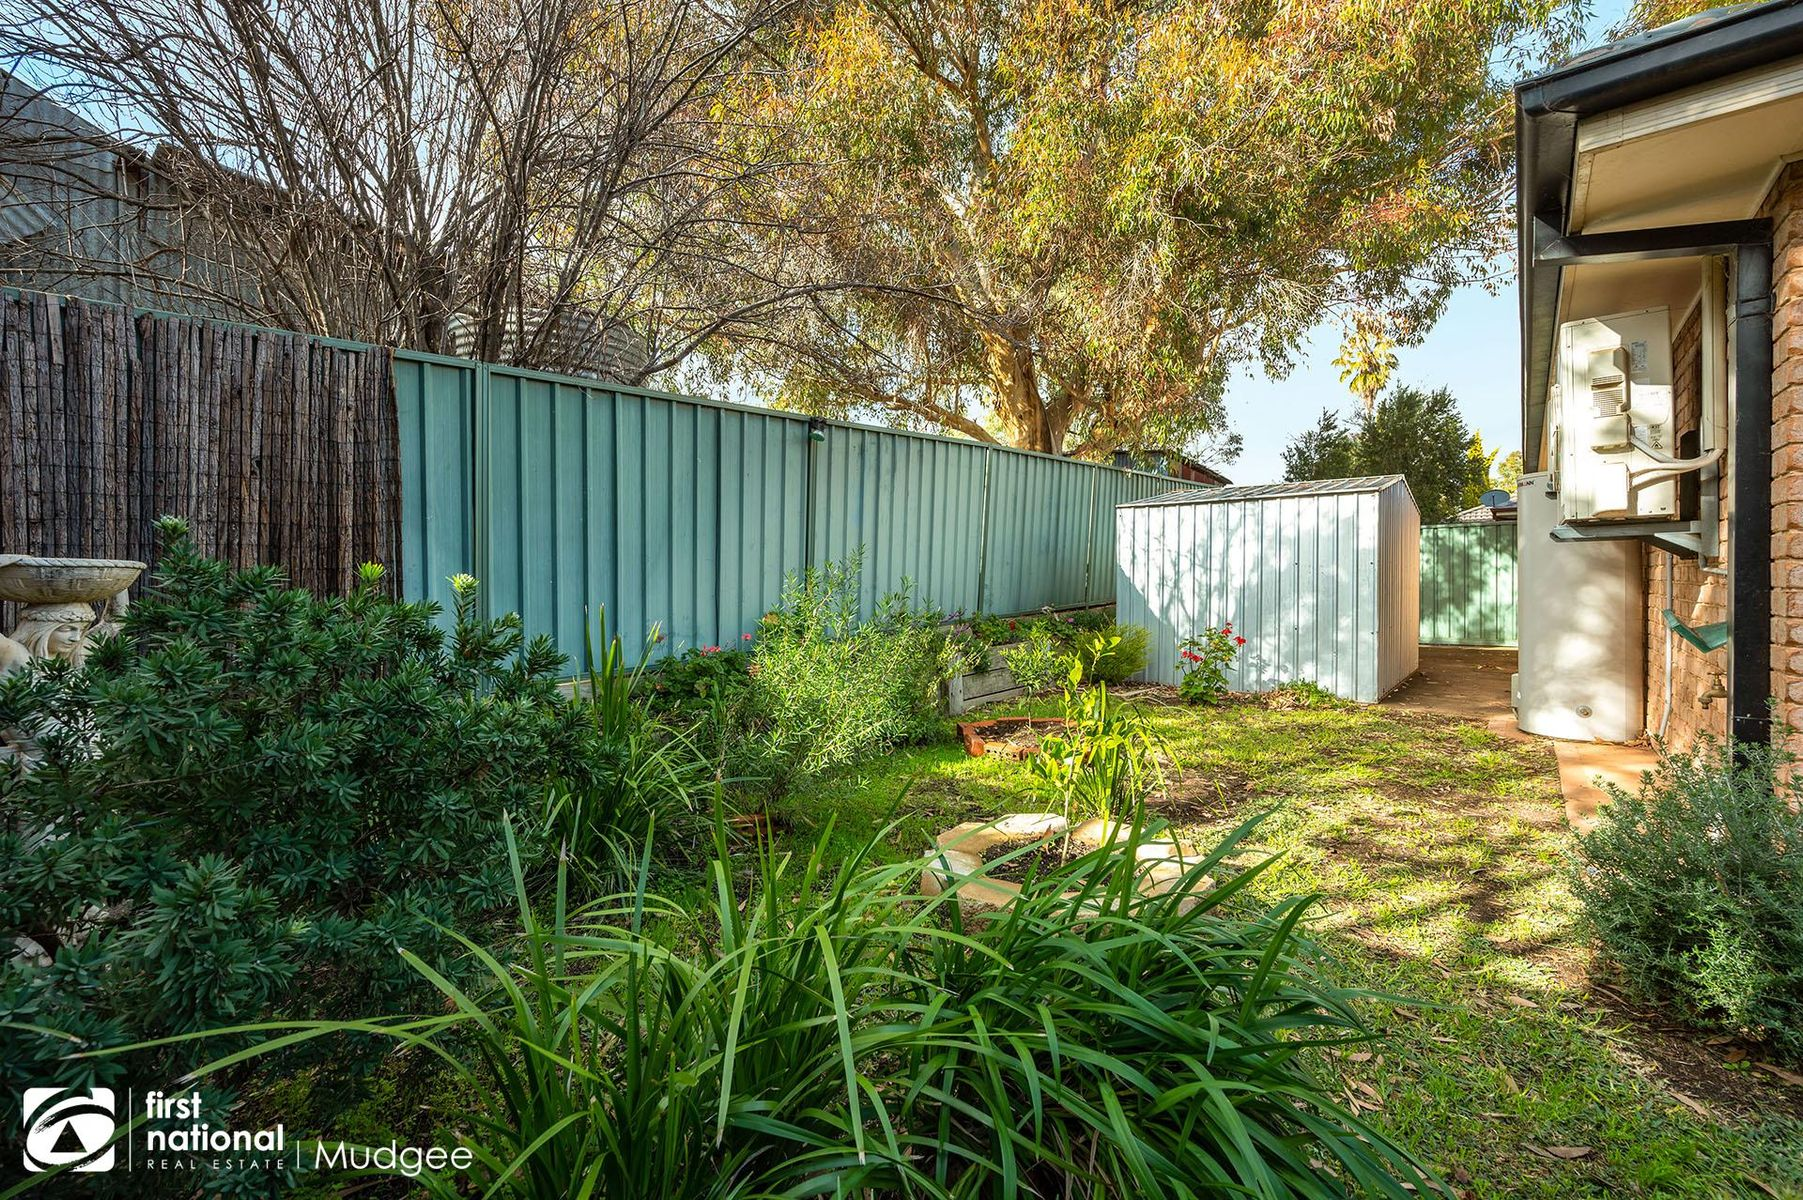 8/35 Lawson Street, Mudgee, NSW 2850